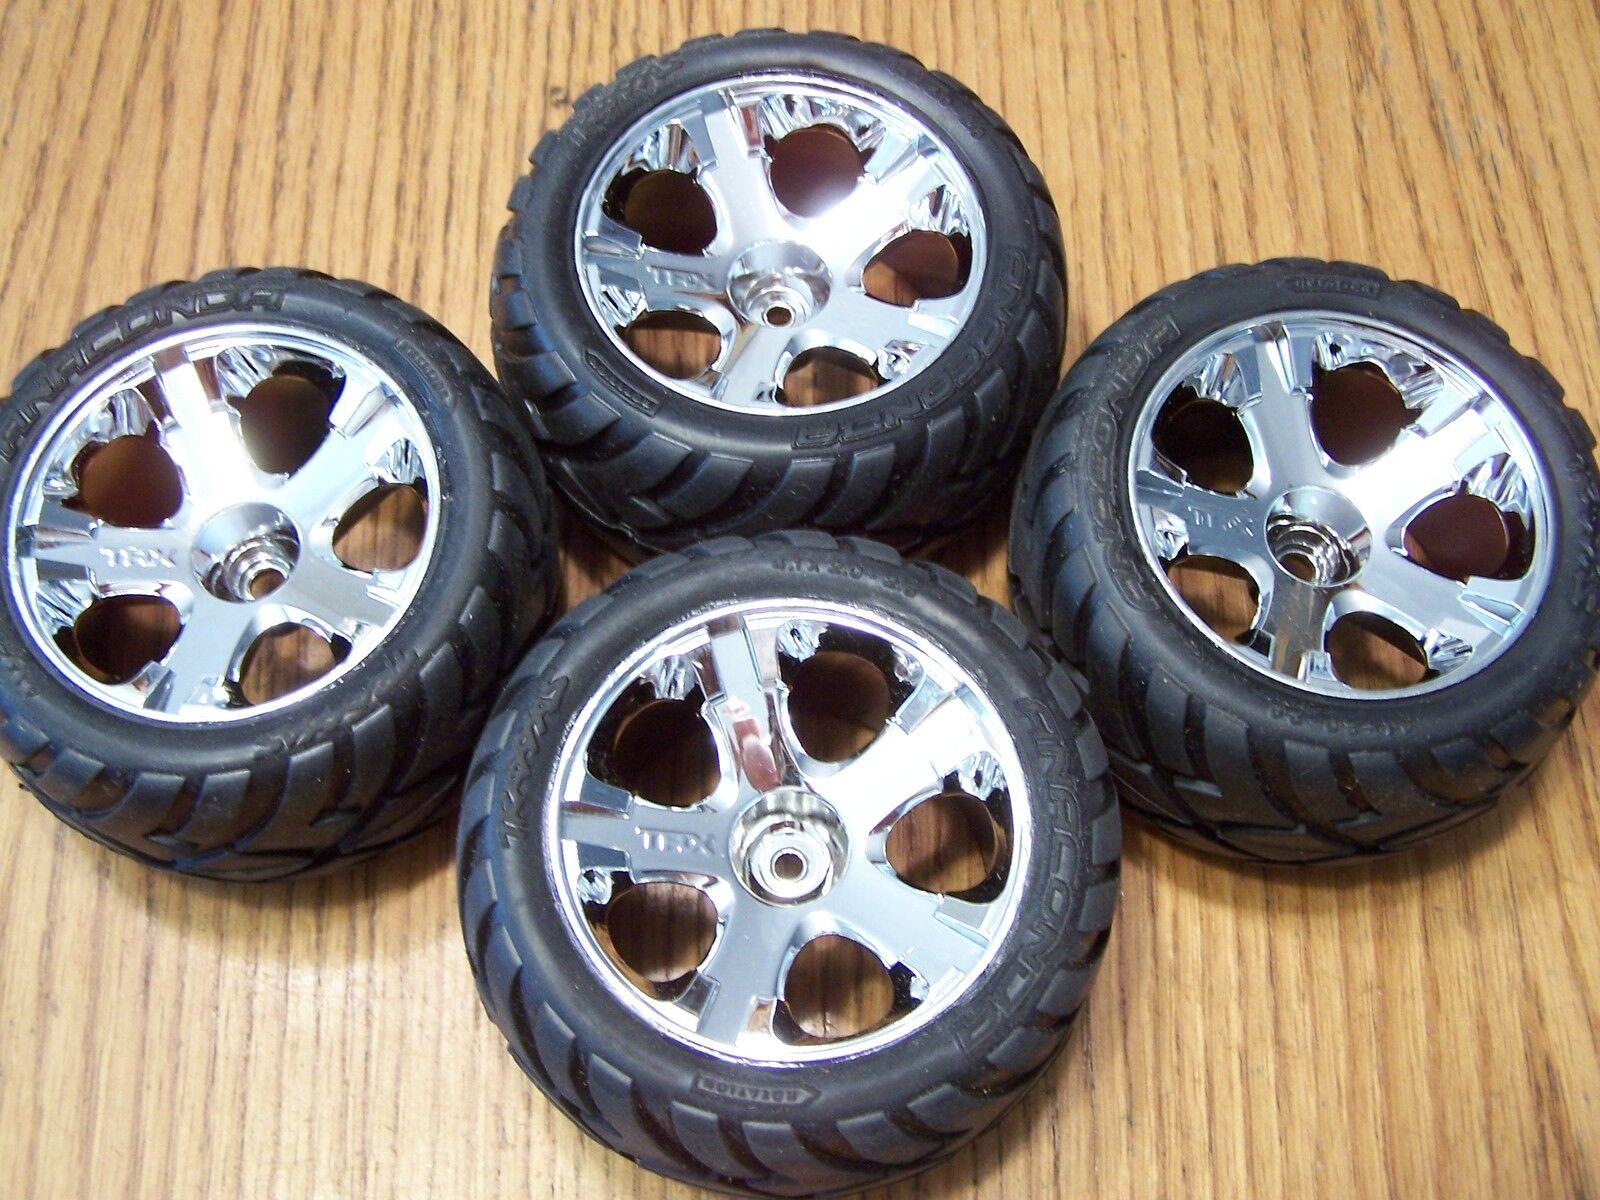 4 Traxxas 5507 3.3 Jato Front & Rear Anaconda Tires w  Chrome Wheels 5576R 5577R